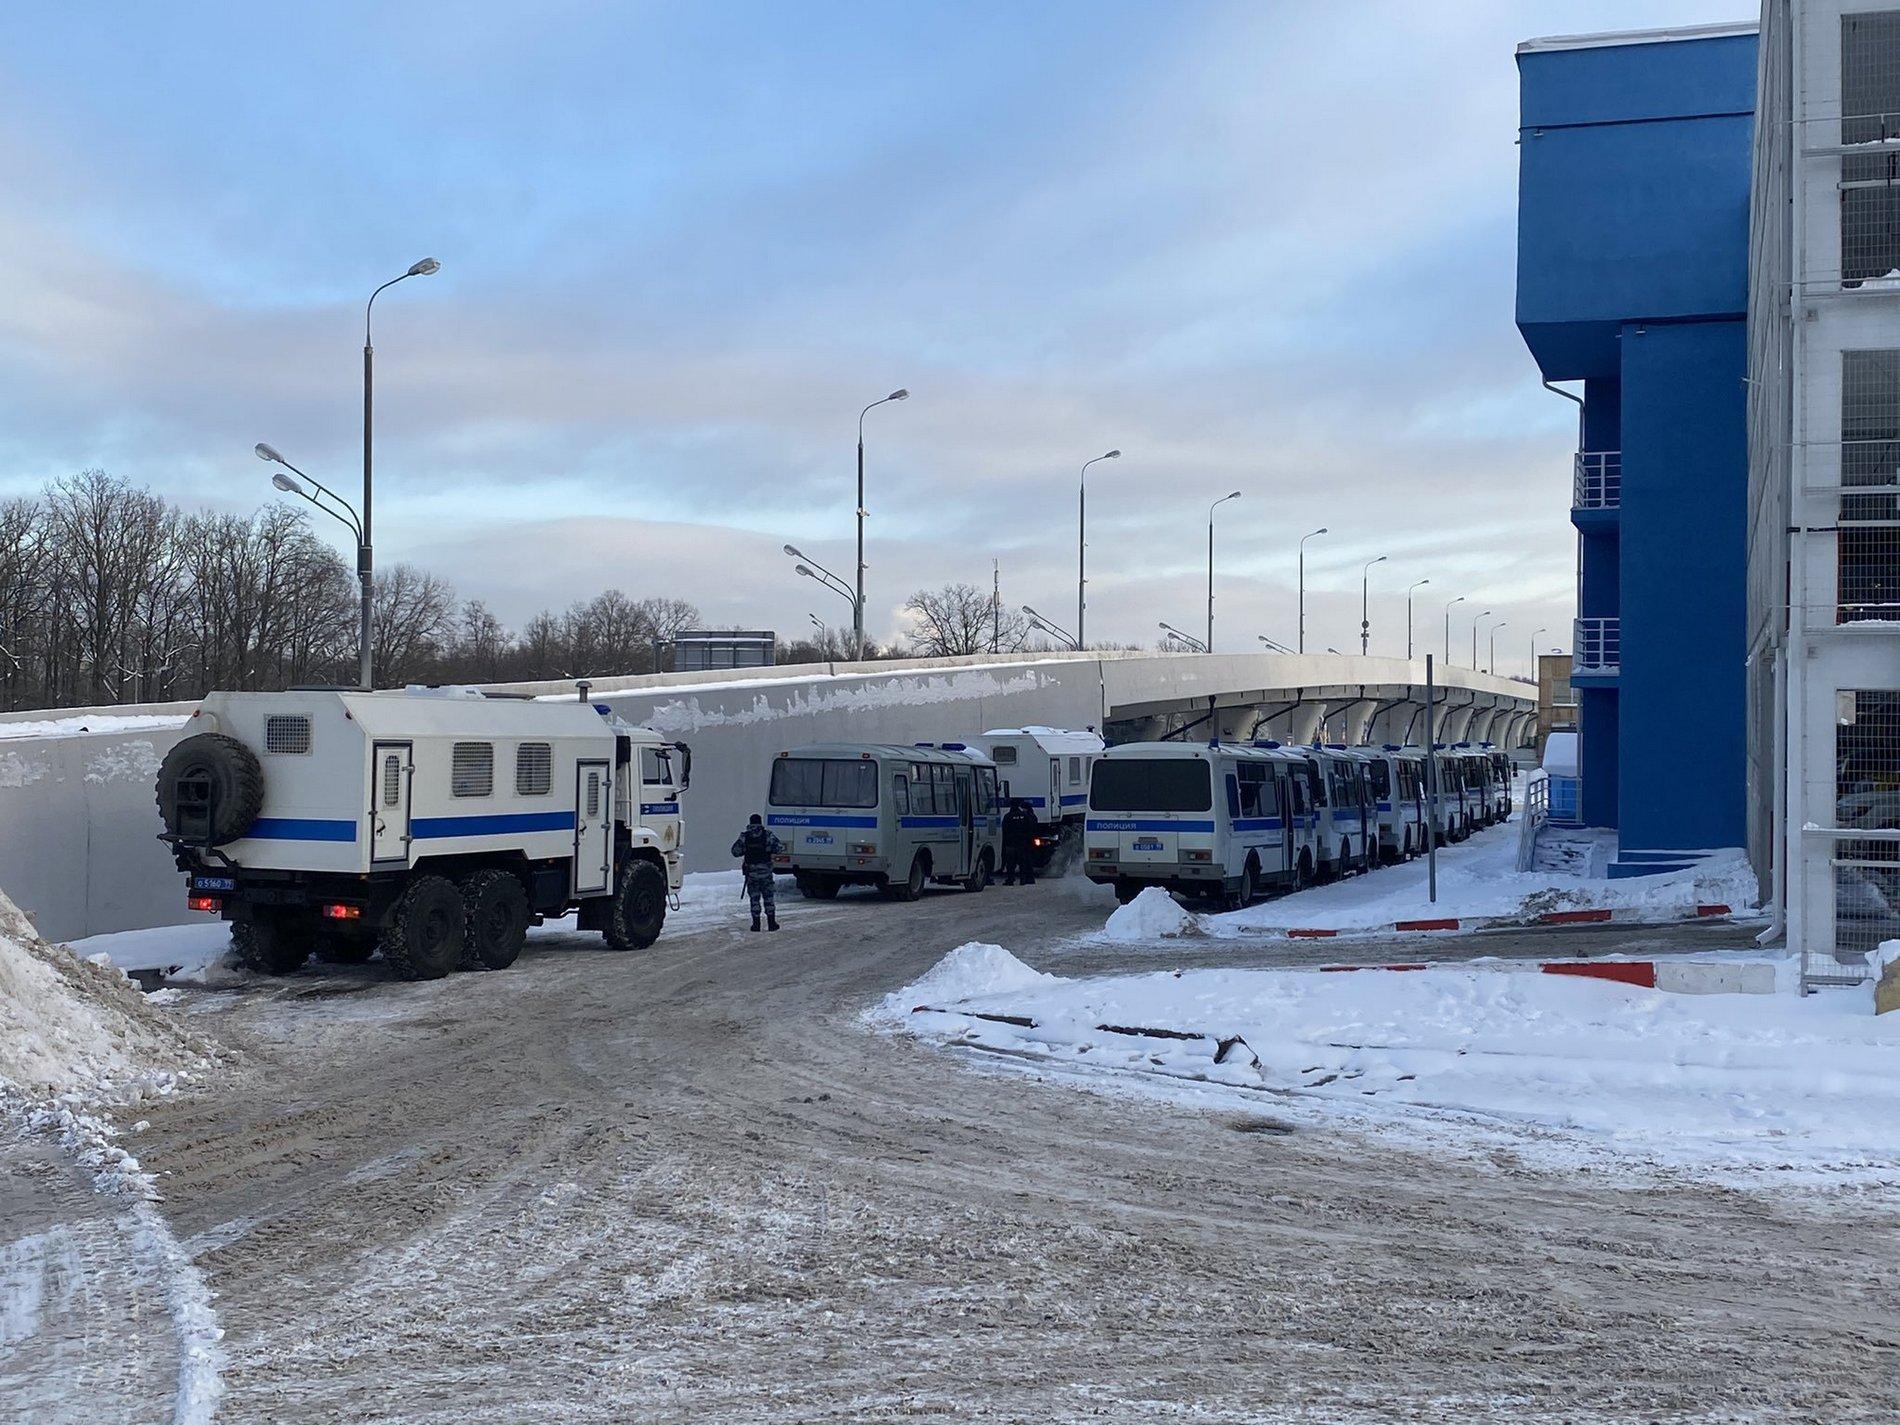 В аэропорту РФ к возвращению Навального стягивают автозаки и полицию – фото, видео